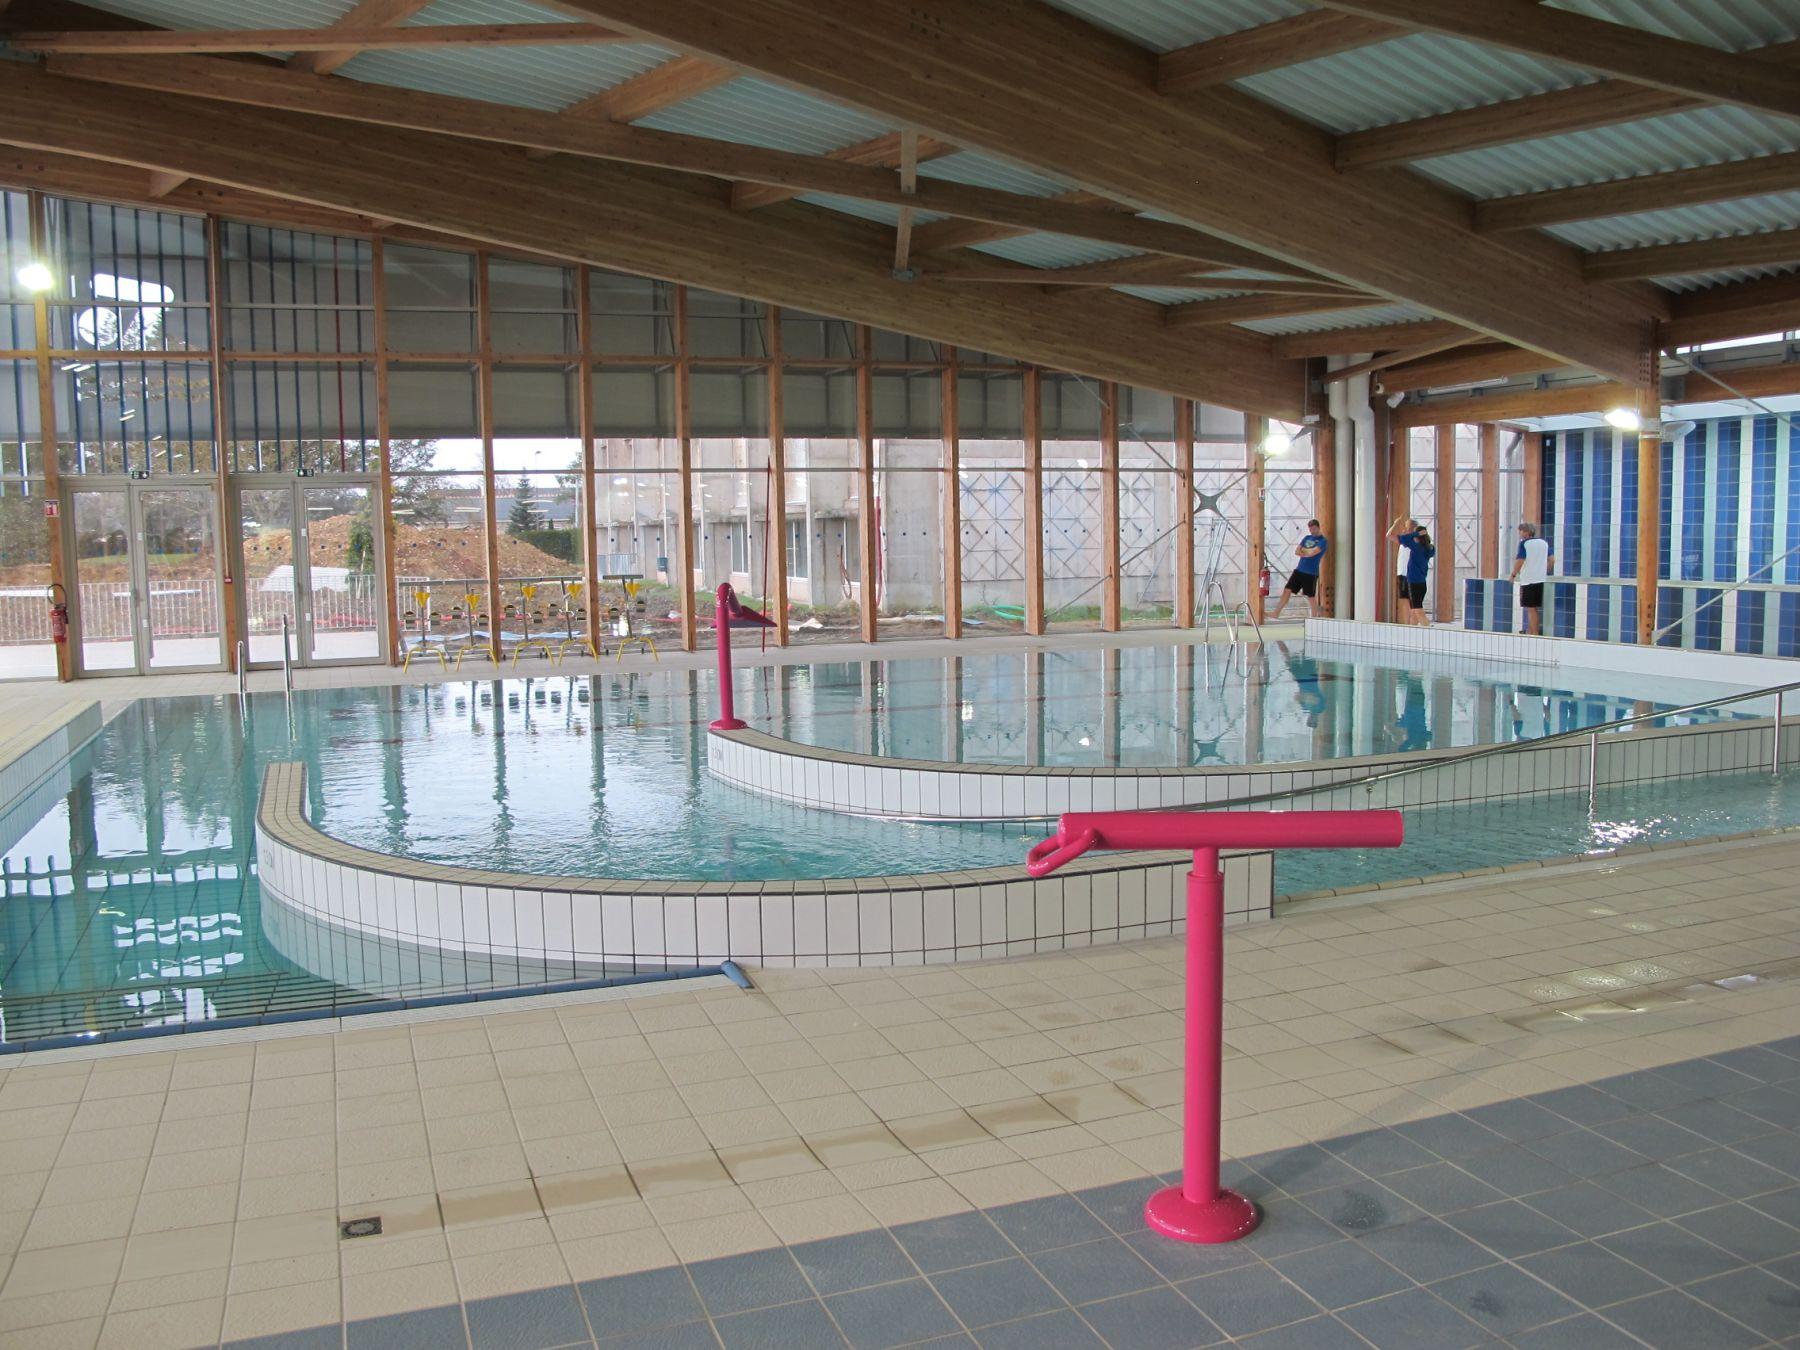 Bulle D'ô : Le Nouveau Centre Aquatique De Joué-Lès-Tours concernant Piscine Joué Les Tours